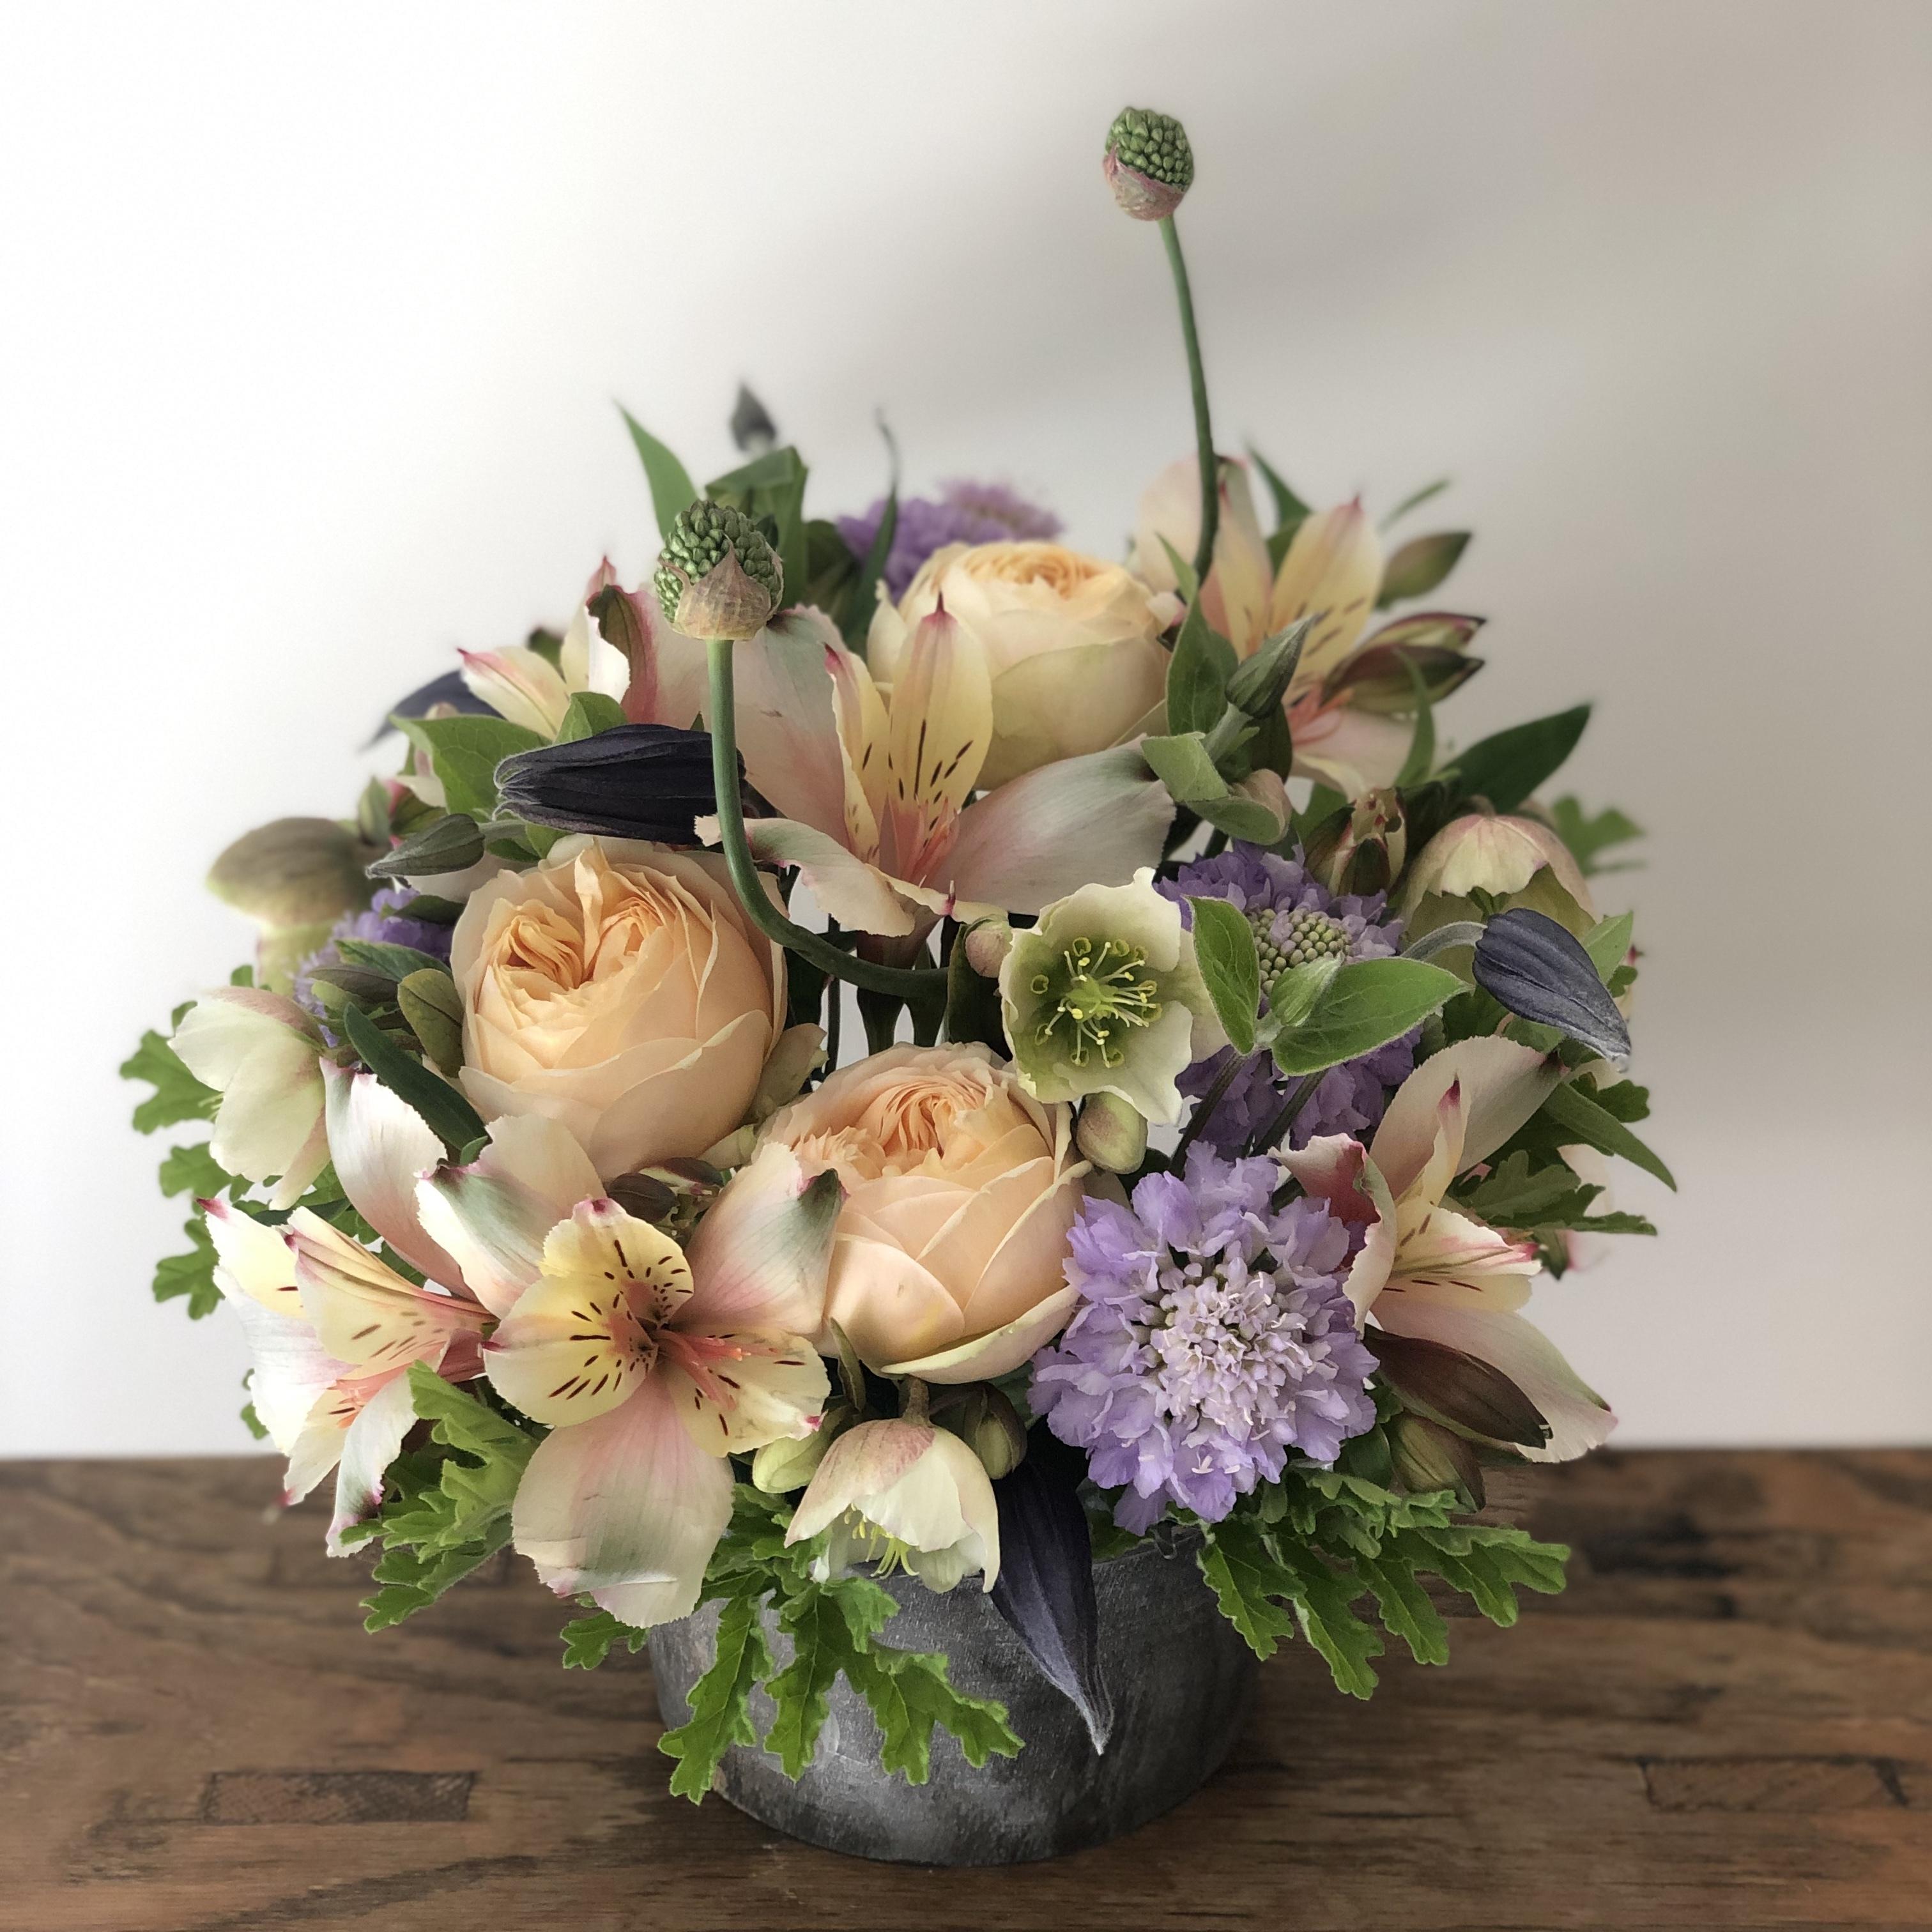 【5/4-7到着】flowers for mom-3000